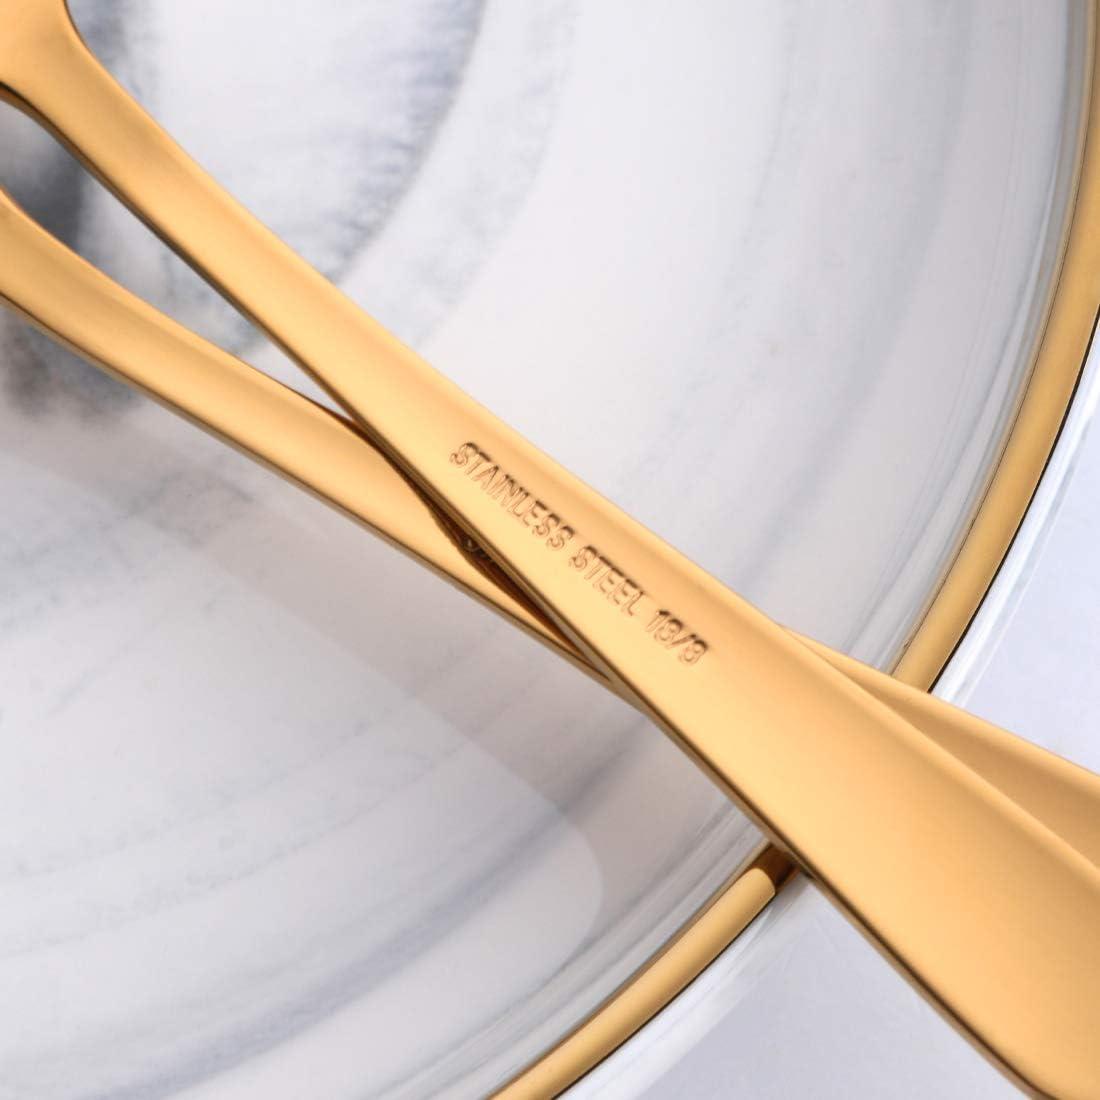 de acero inoxidable 18//10 14 cm Buyer Star Juego de 12 cucharillas de caf/é reutilizables 12 unidades Arco iris 2